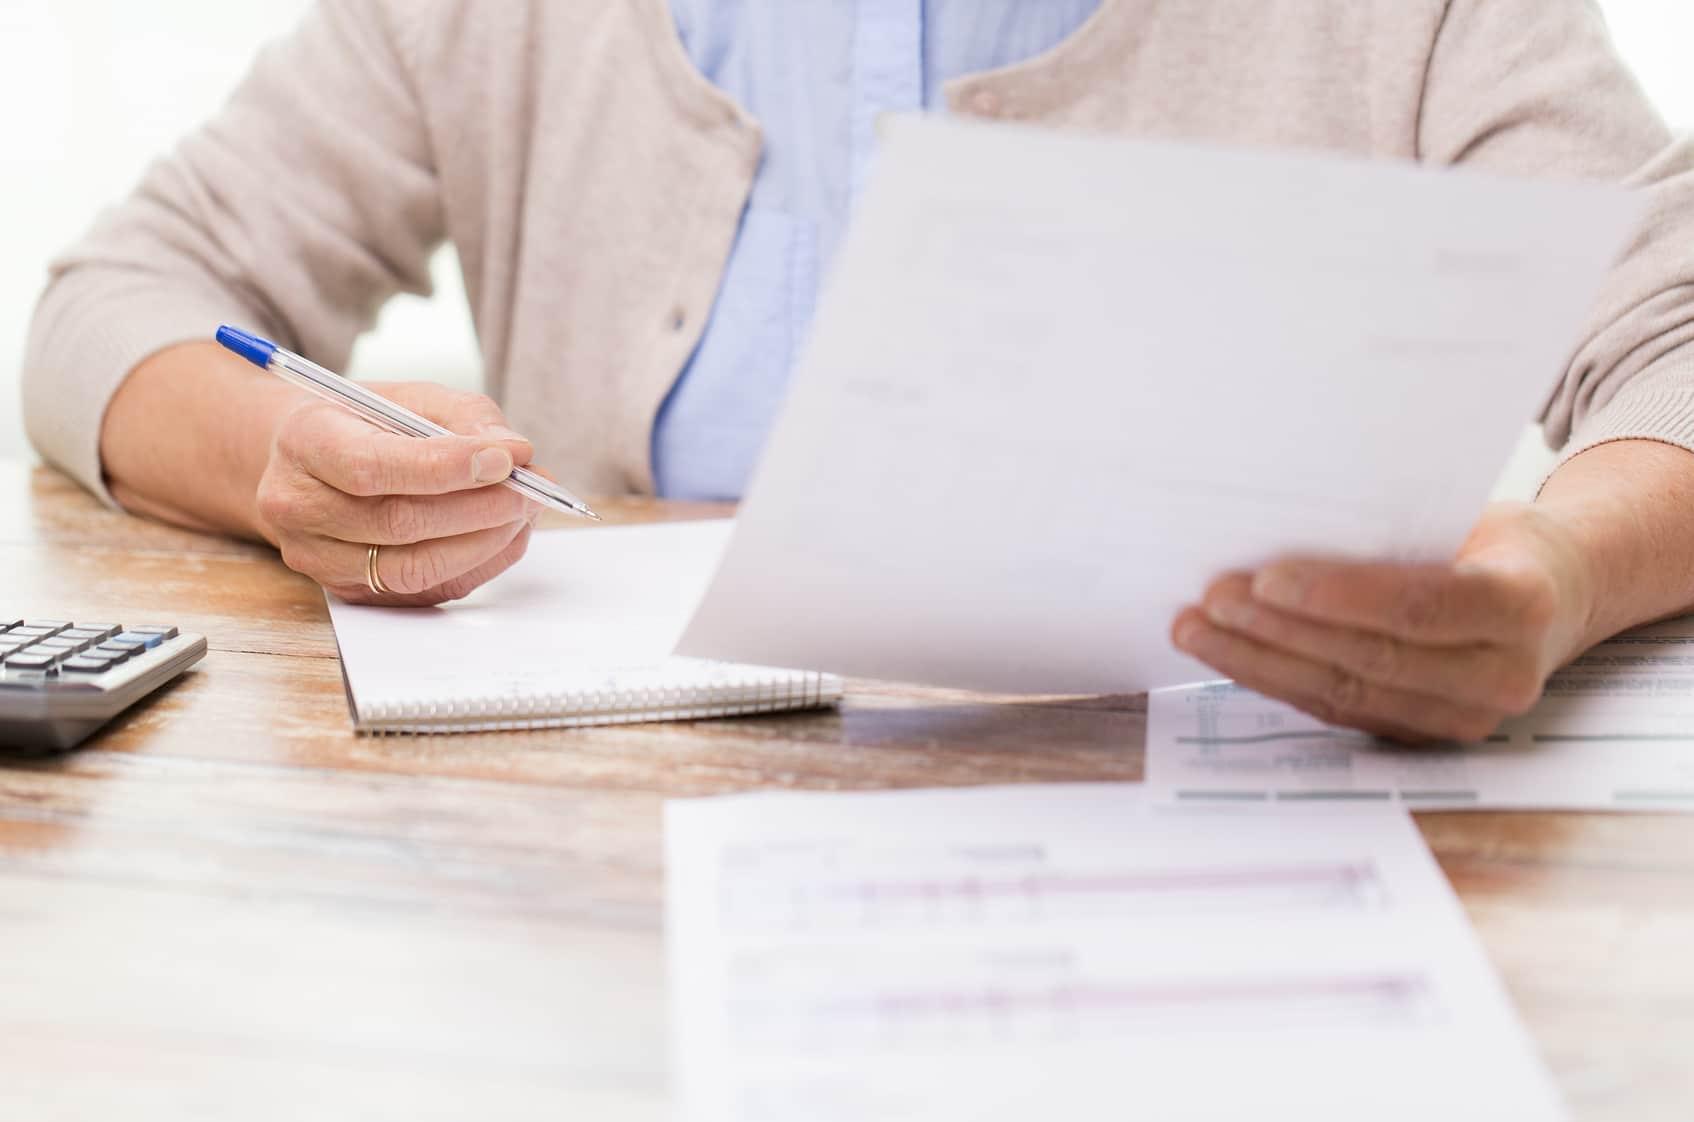 Fiscalité immobilière : quelles taxes et impôts à payer ?